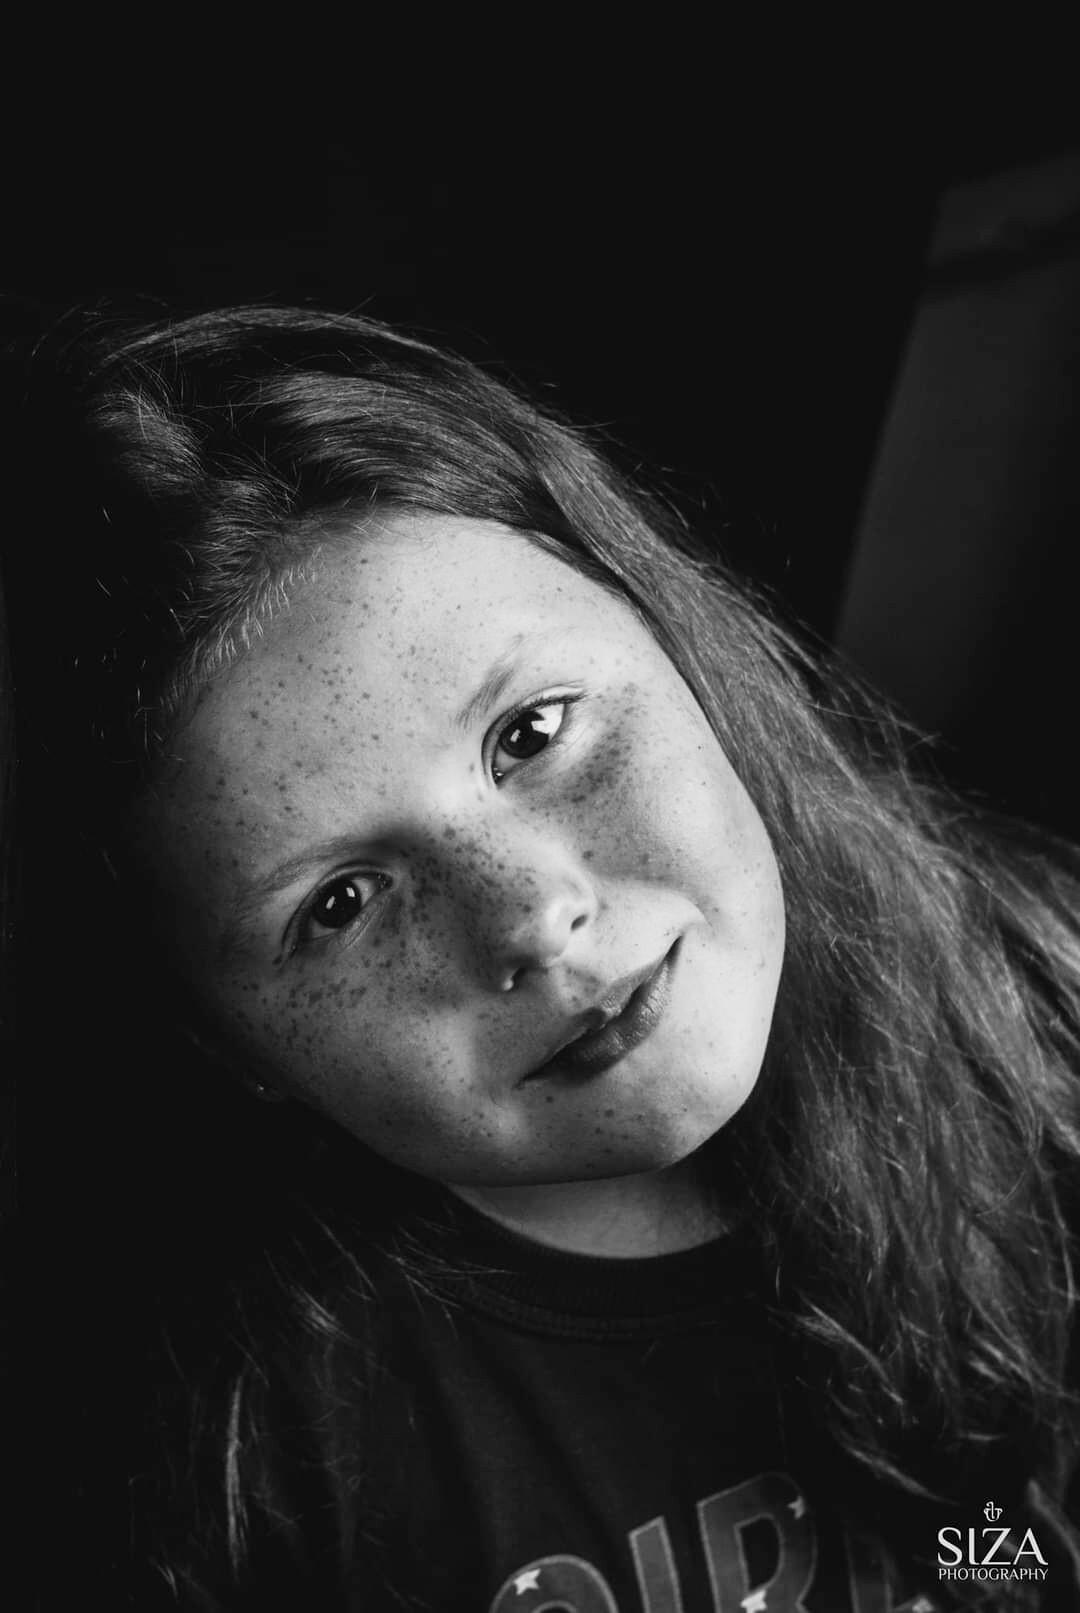 Portret Lisa Z - In gedachten hangend tegen de muur.  - foto door Sizaphotograpy op 14-04-2021 - locatie: Alphen aan den Rijn, Nederland - deze foto bevat: neus, wang, huid, lip, kin, wenkbrauw, mond, flitsfotografie, kaak, wimper